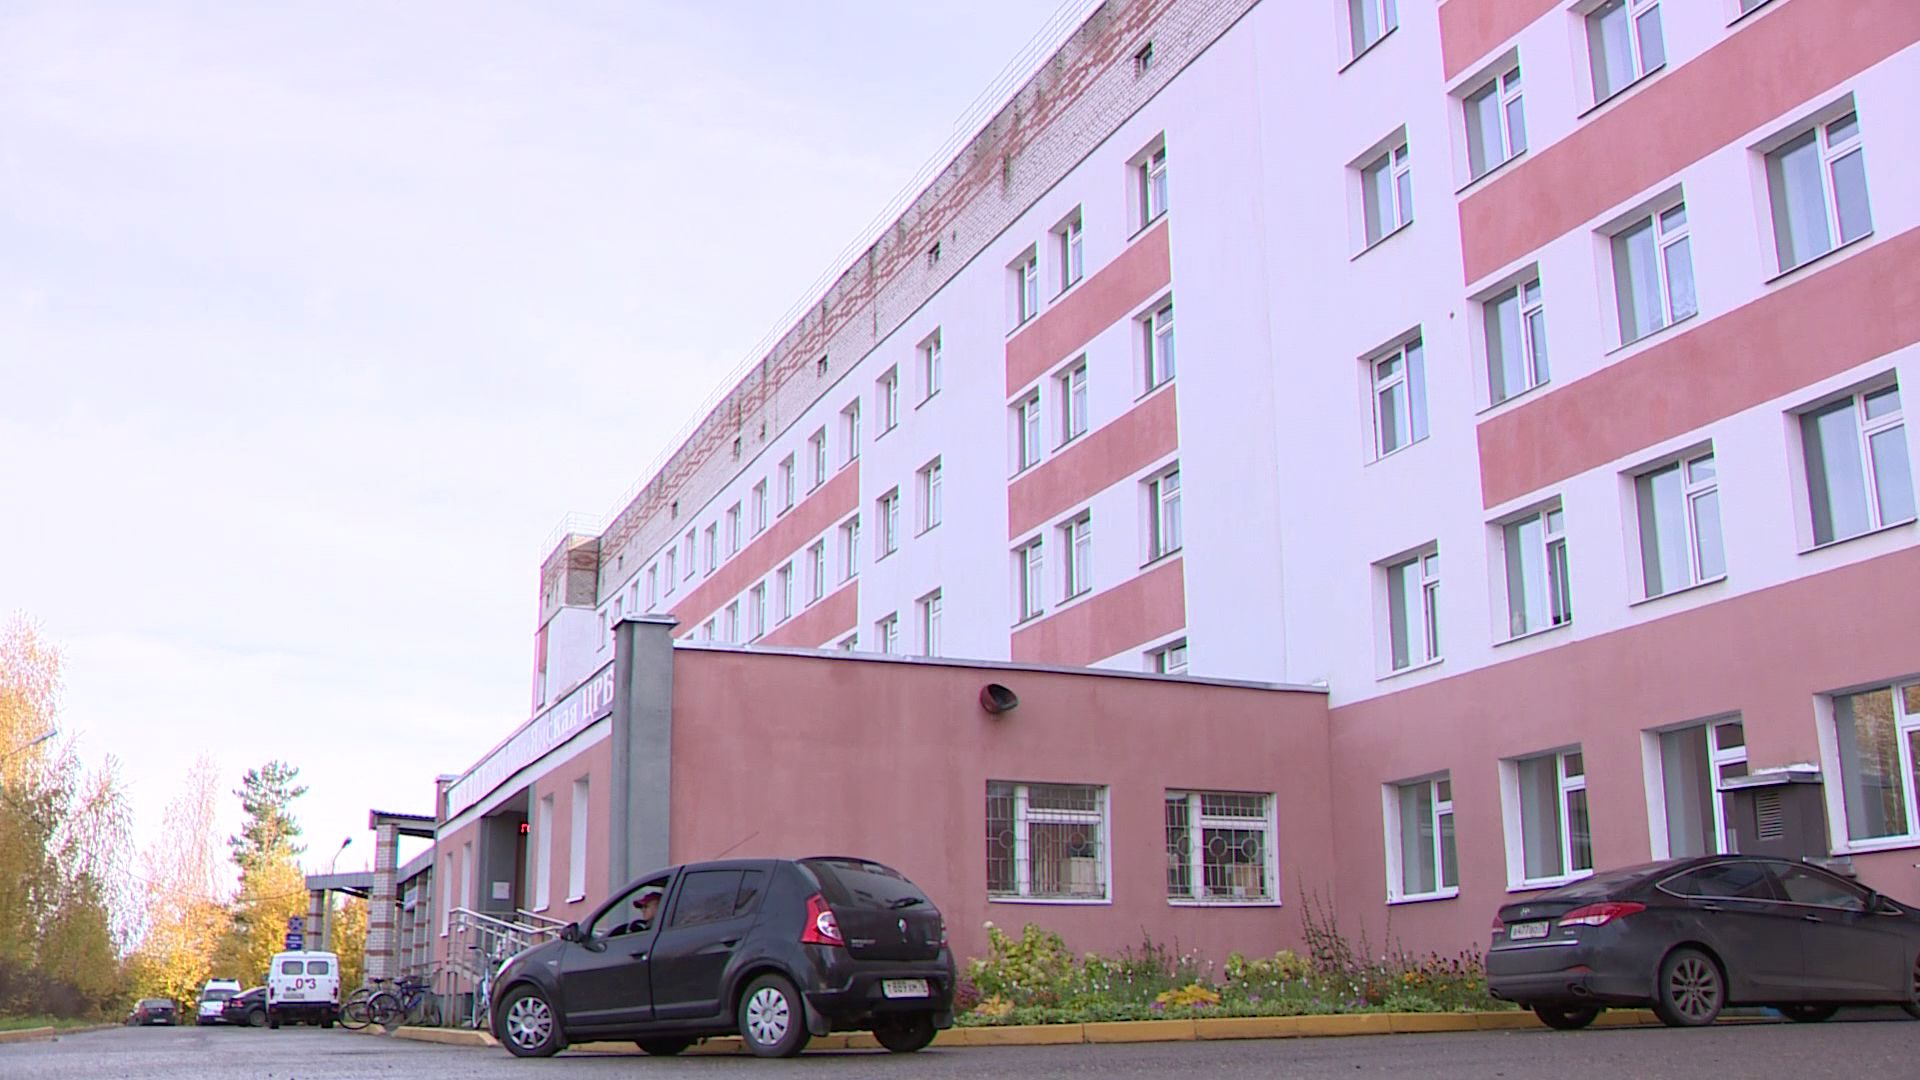 В Гаврилов-Яме обследование прошли пенсионеры из деревень и сел округи